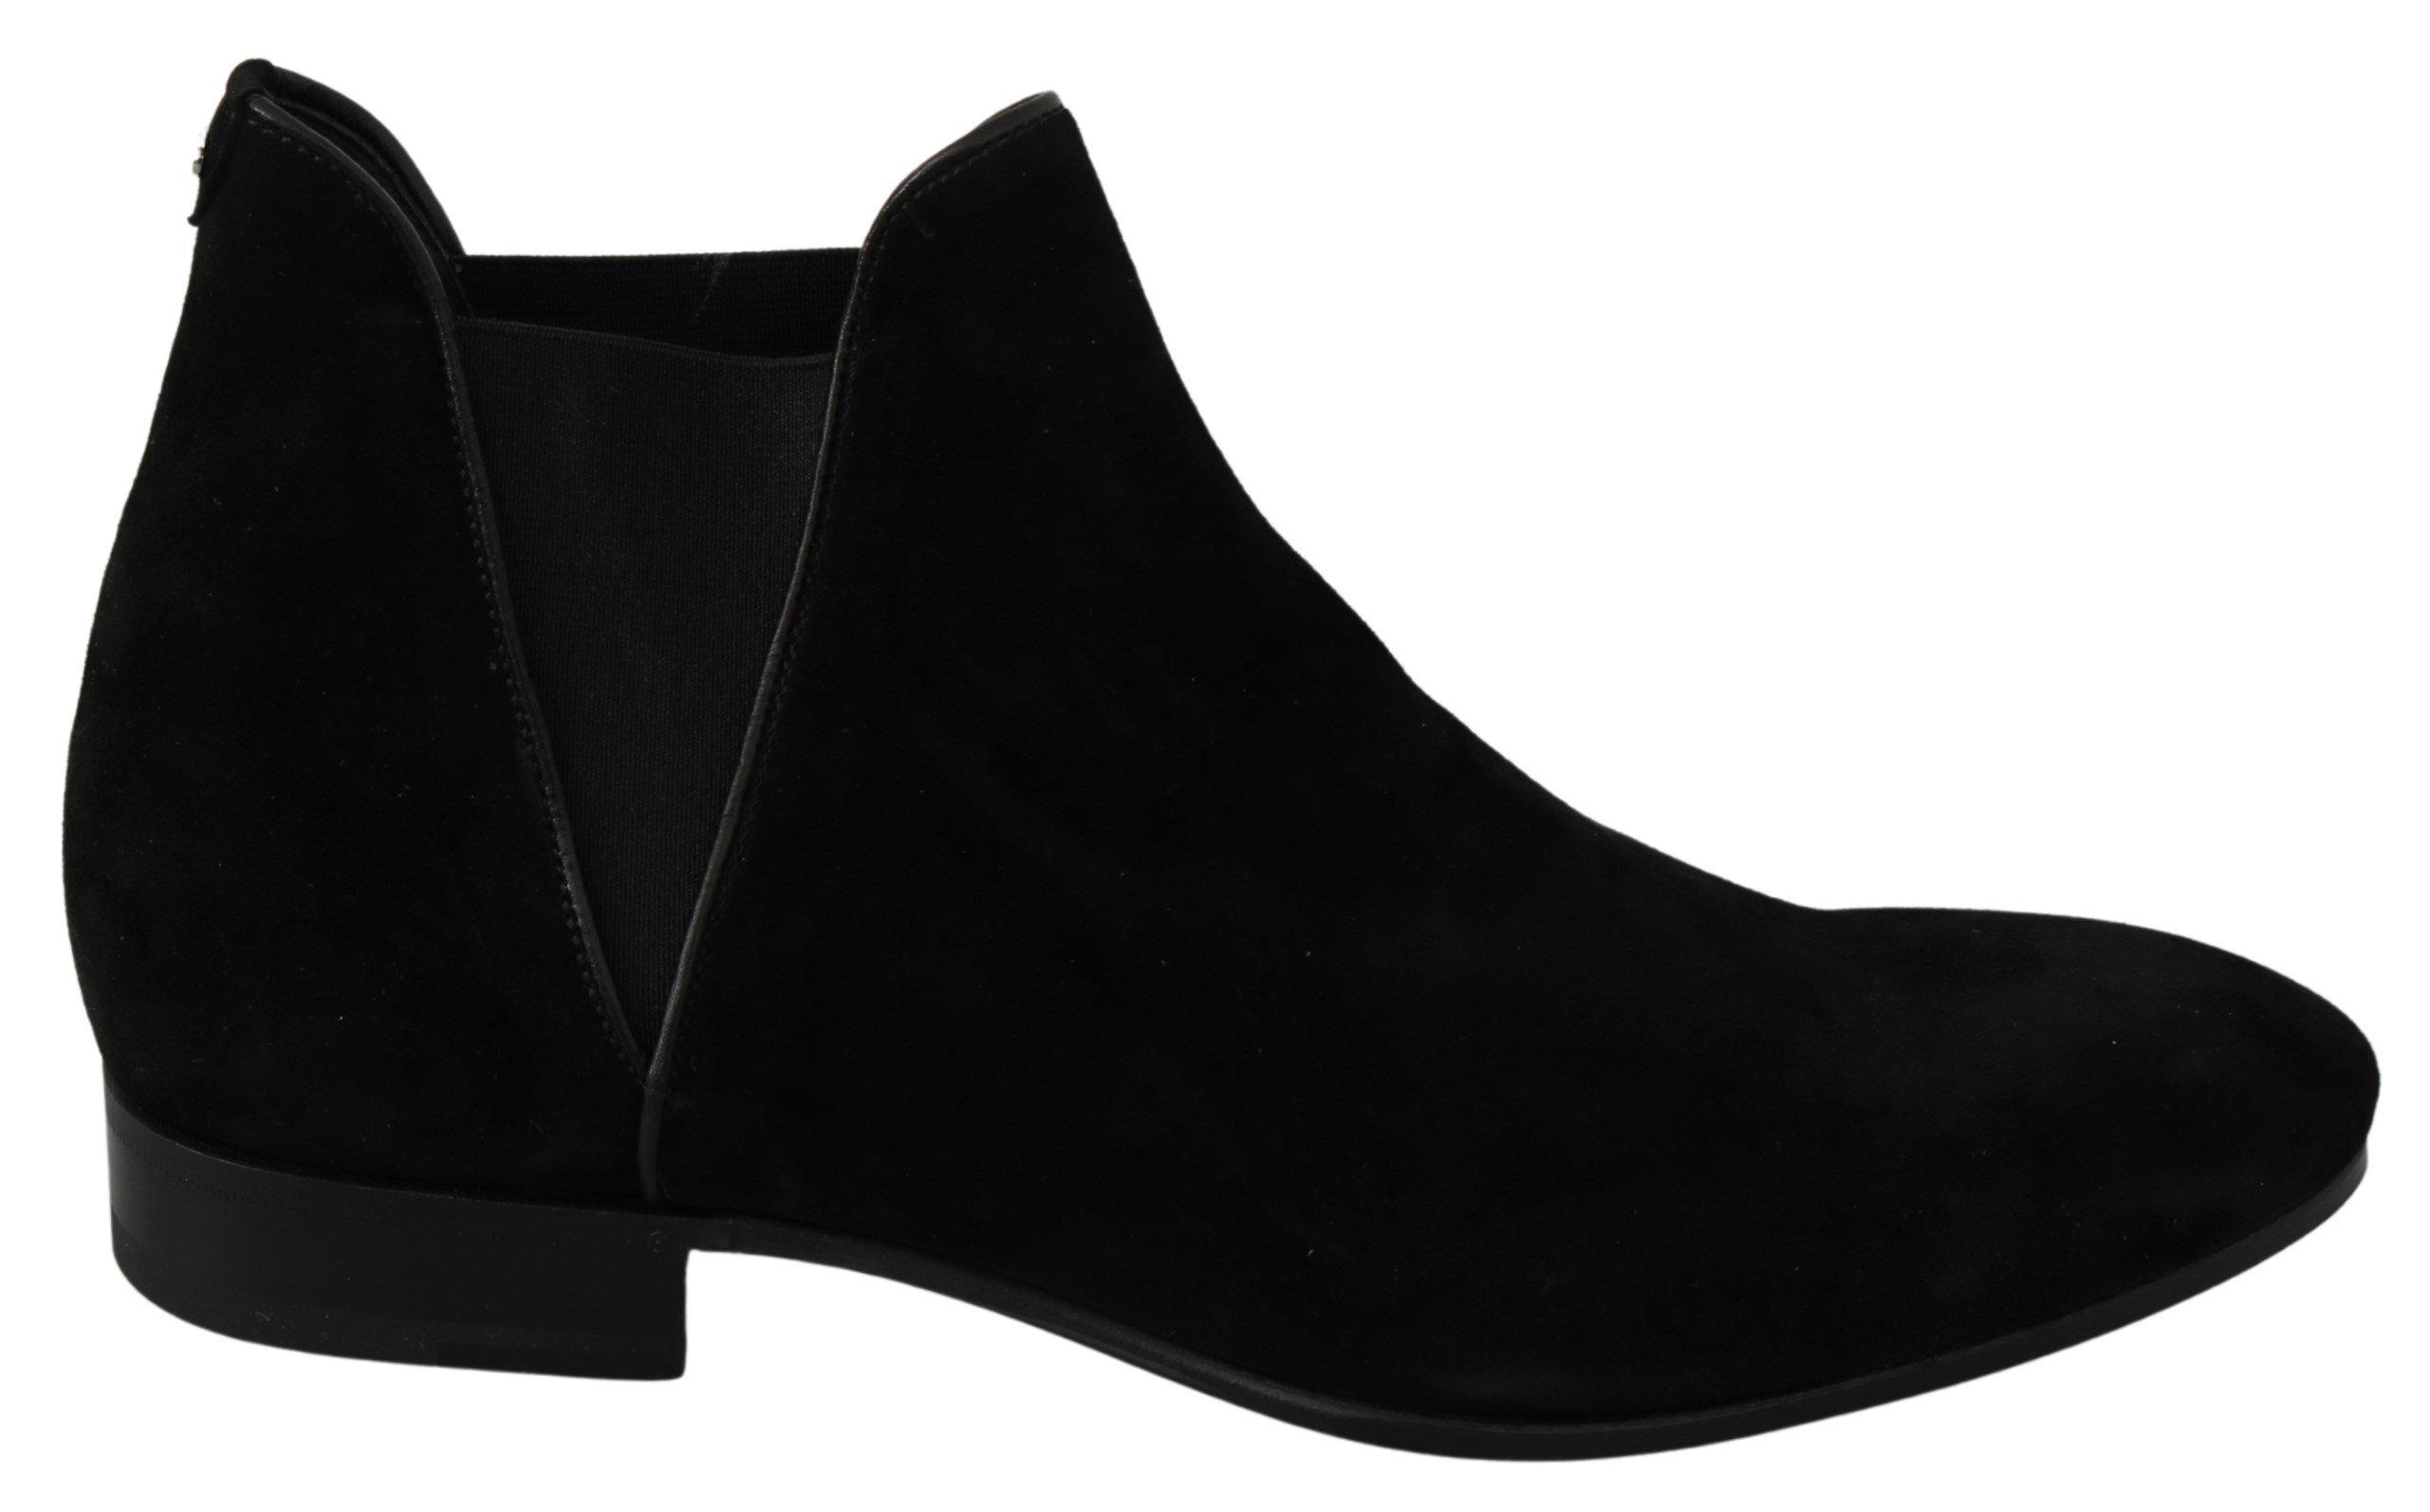 Dolce & Gabbana Men's Suede Leather Chelsea Boots Black MV3047 - EU44/US11